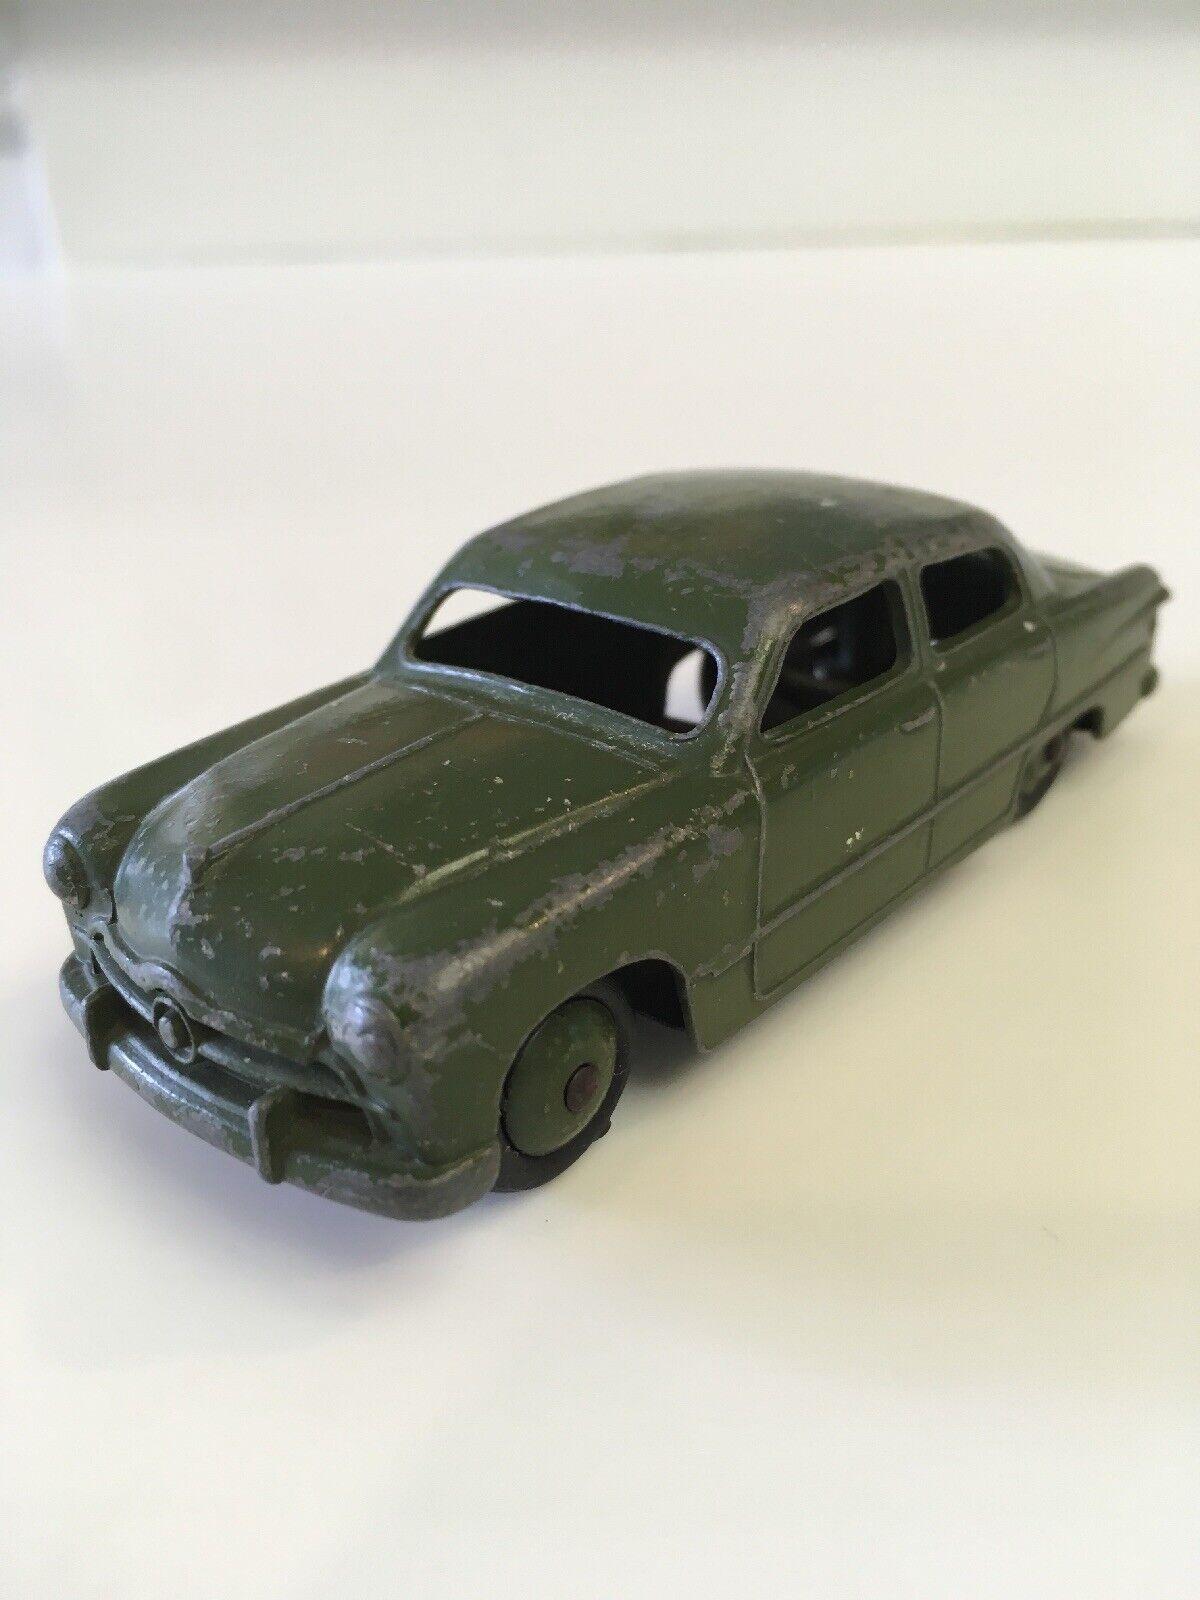 Dinky Toys Meccano Ford Sedan Staff Car No.139am 1950 Grün